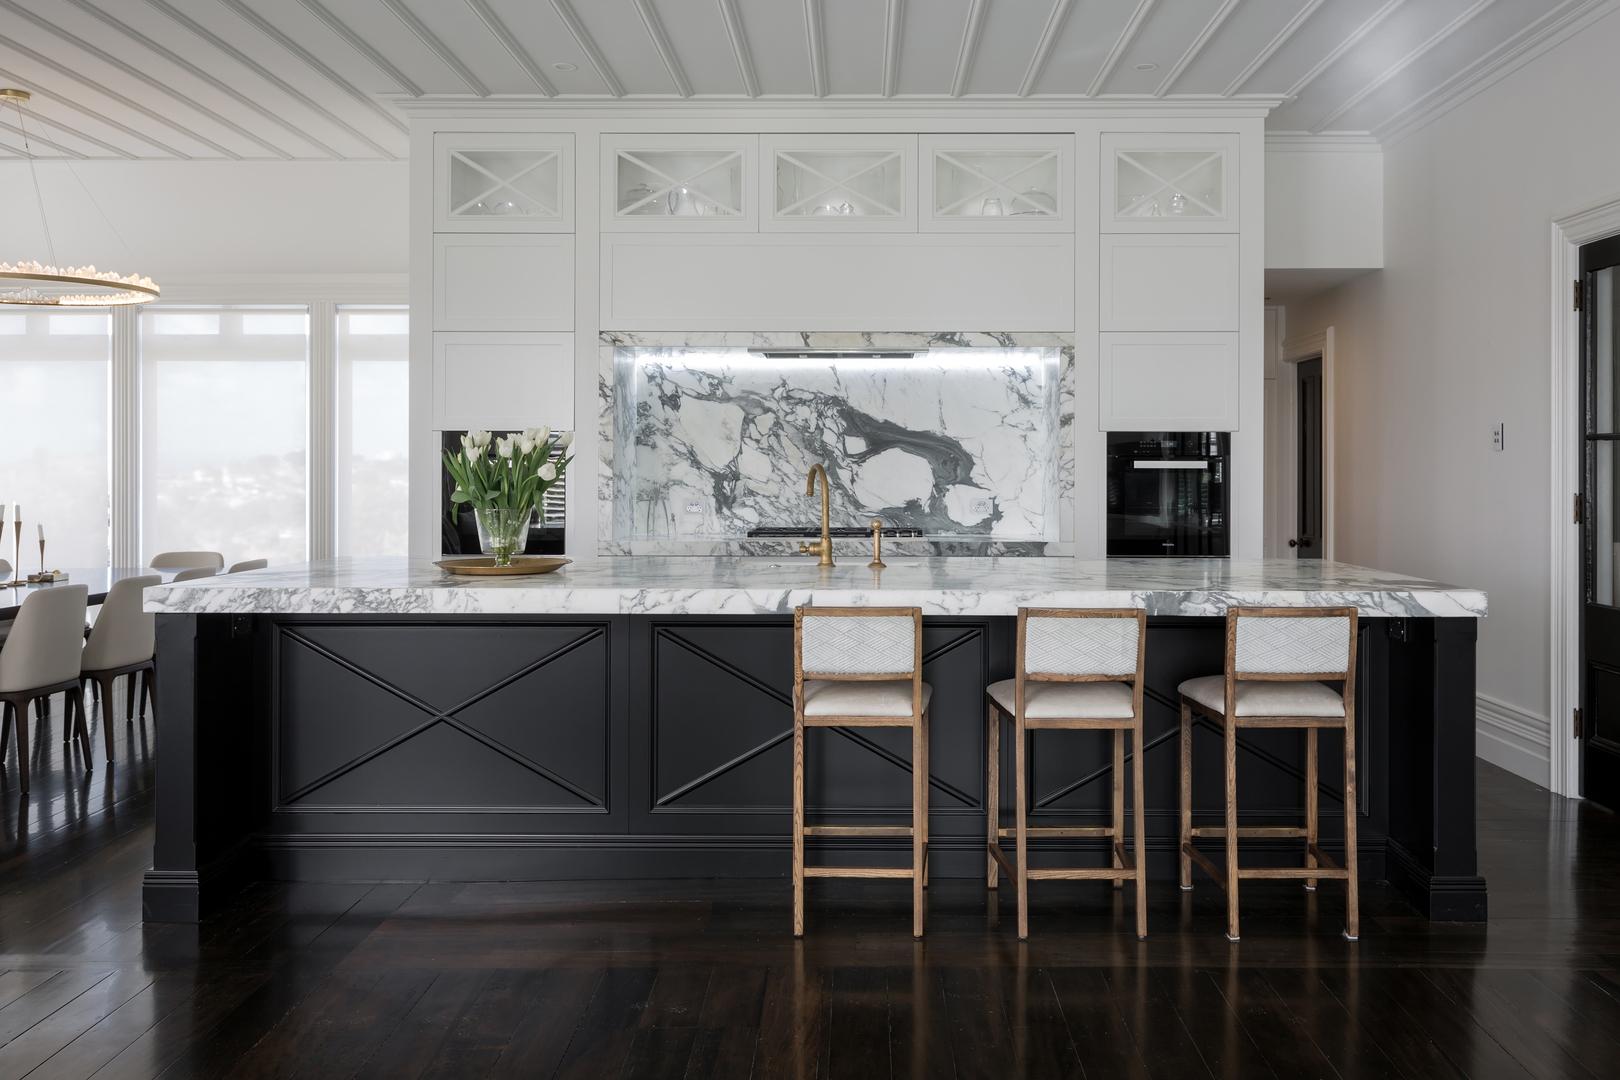 gold kitchens - kitchen design, design manufacture installation